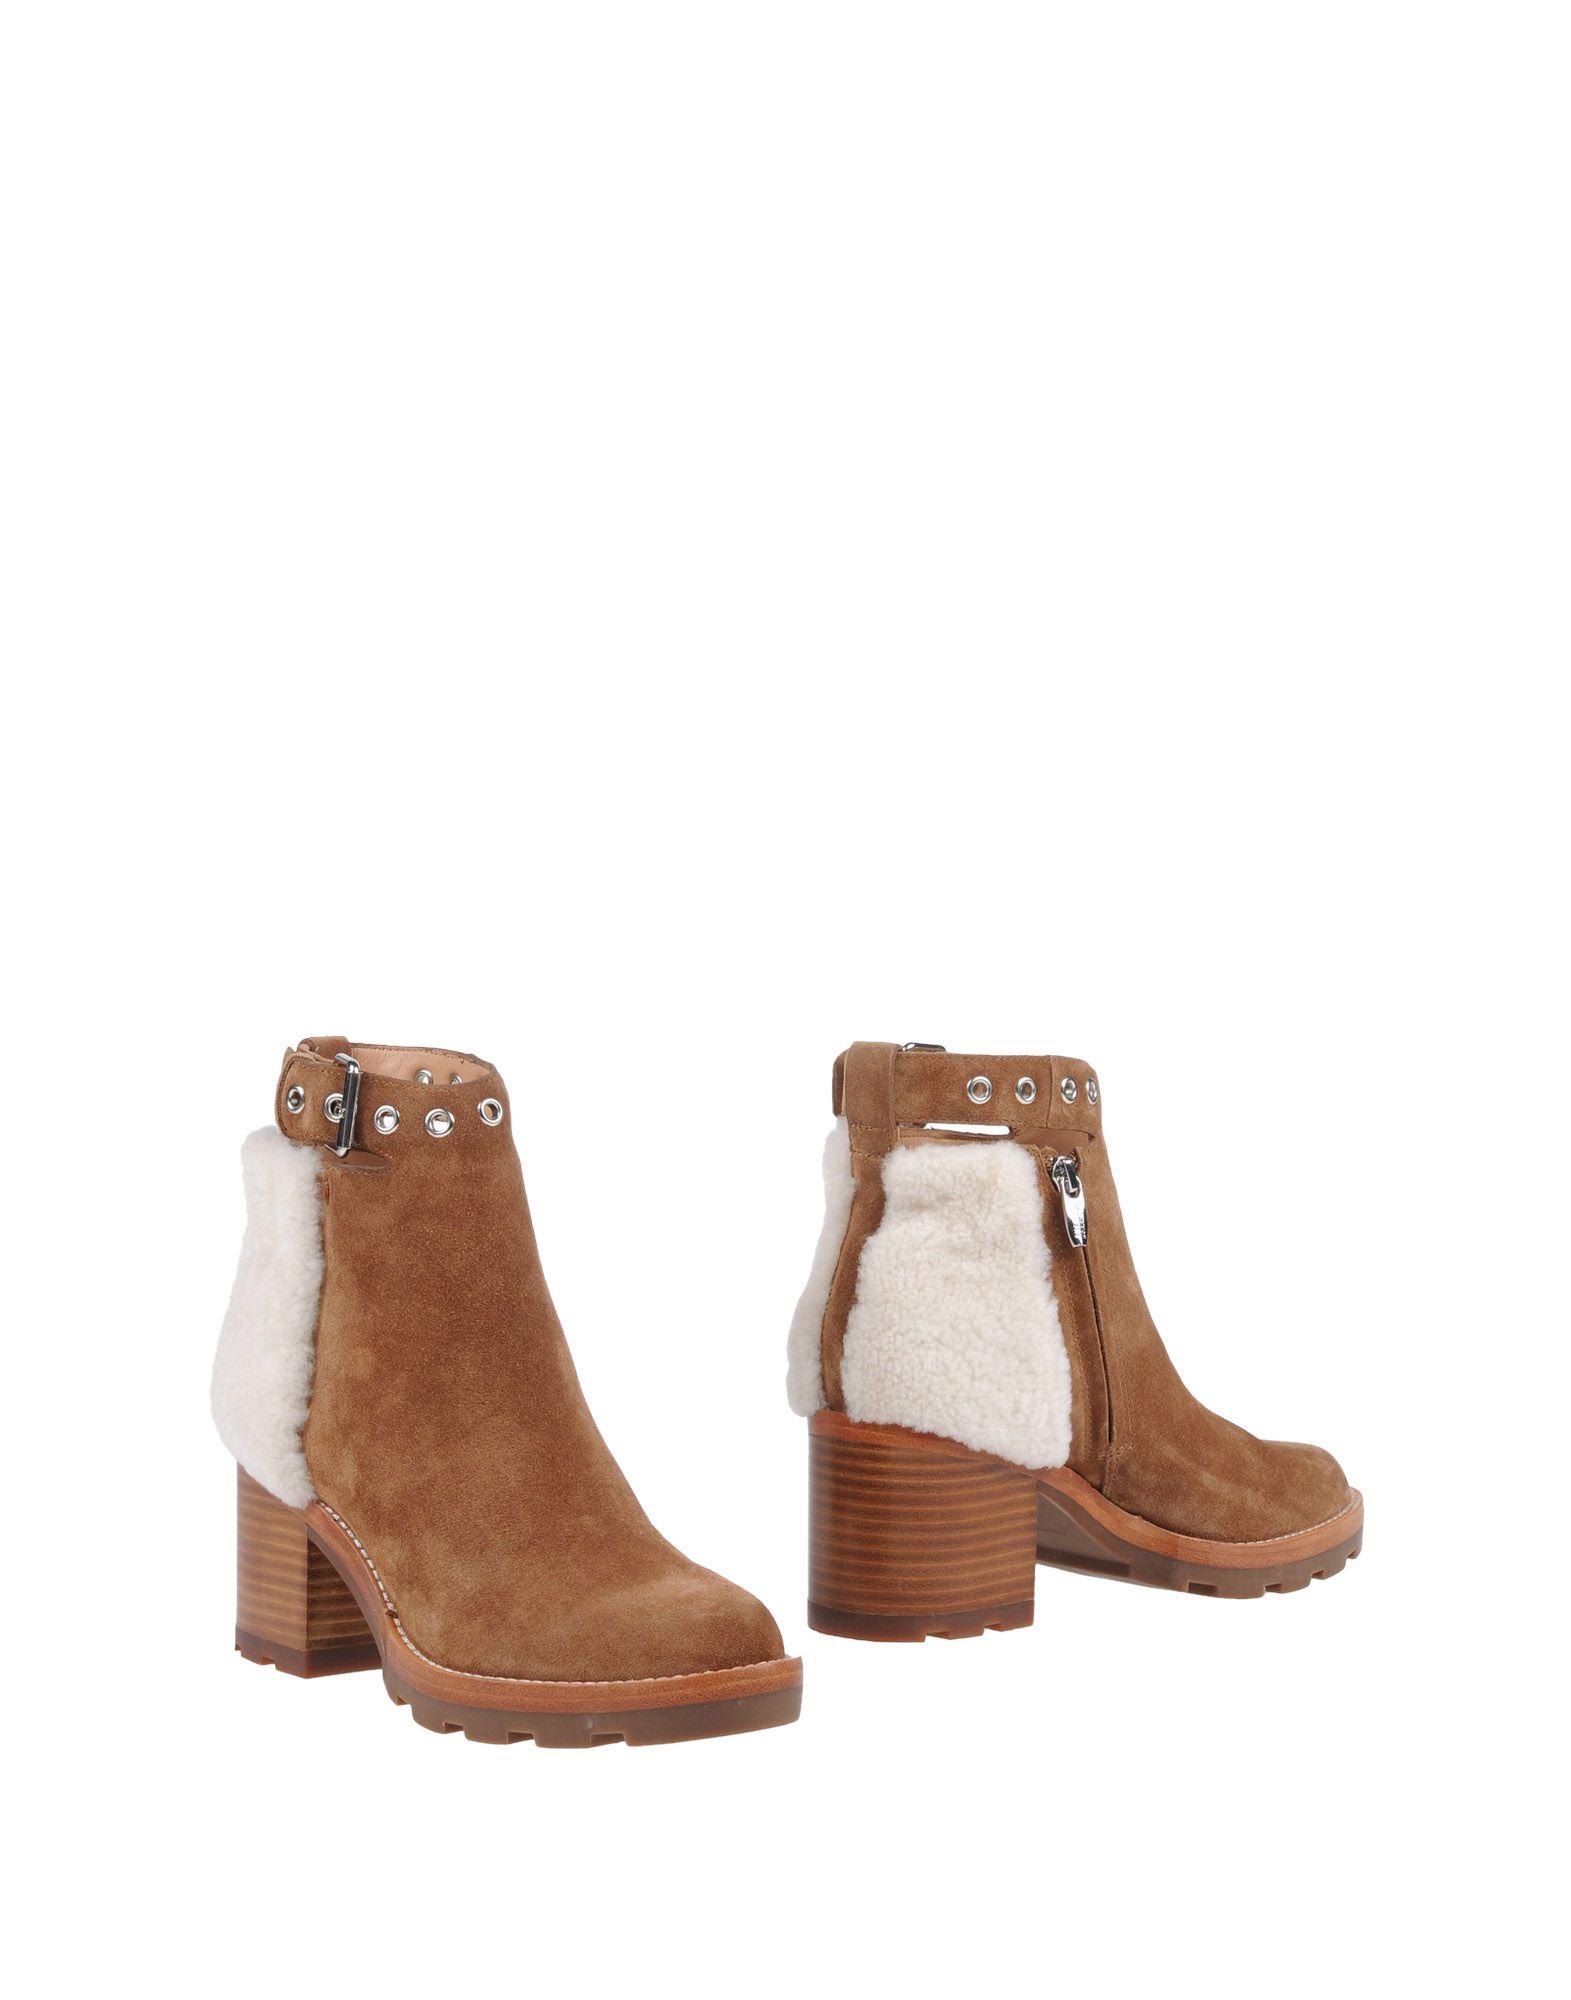 Sigerson Morrison Stiefelette Damen  11452697BPGut aussehende strapazierfähige Schuhe